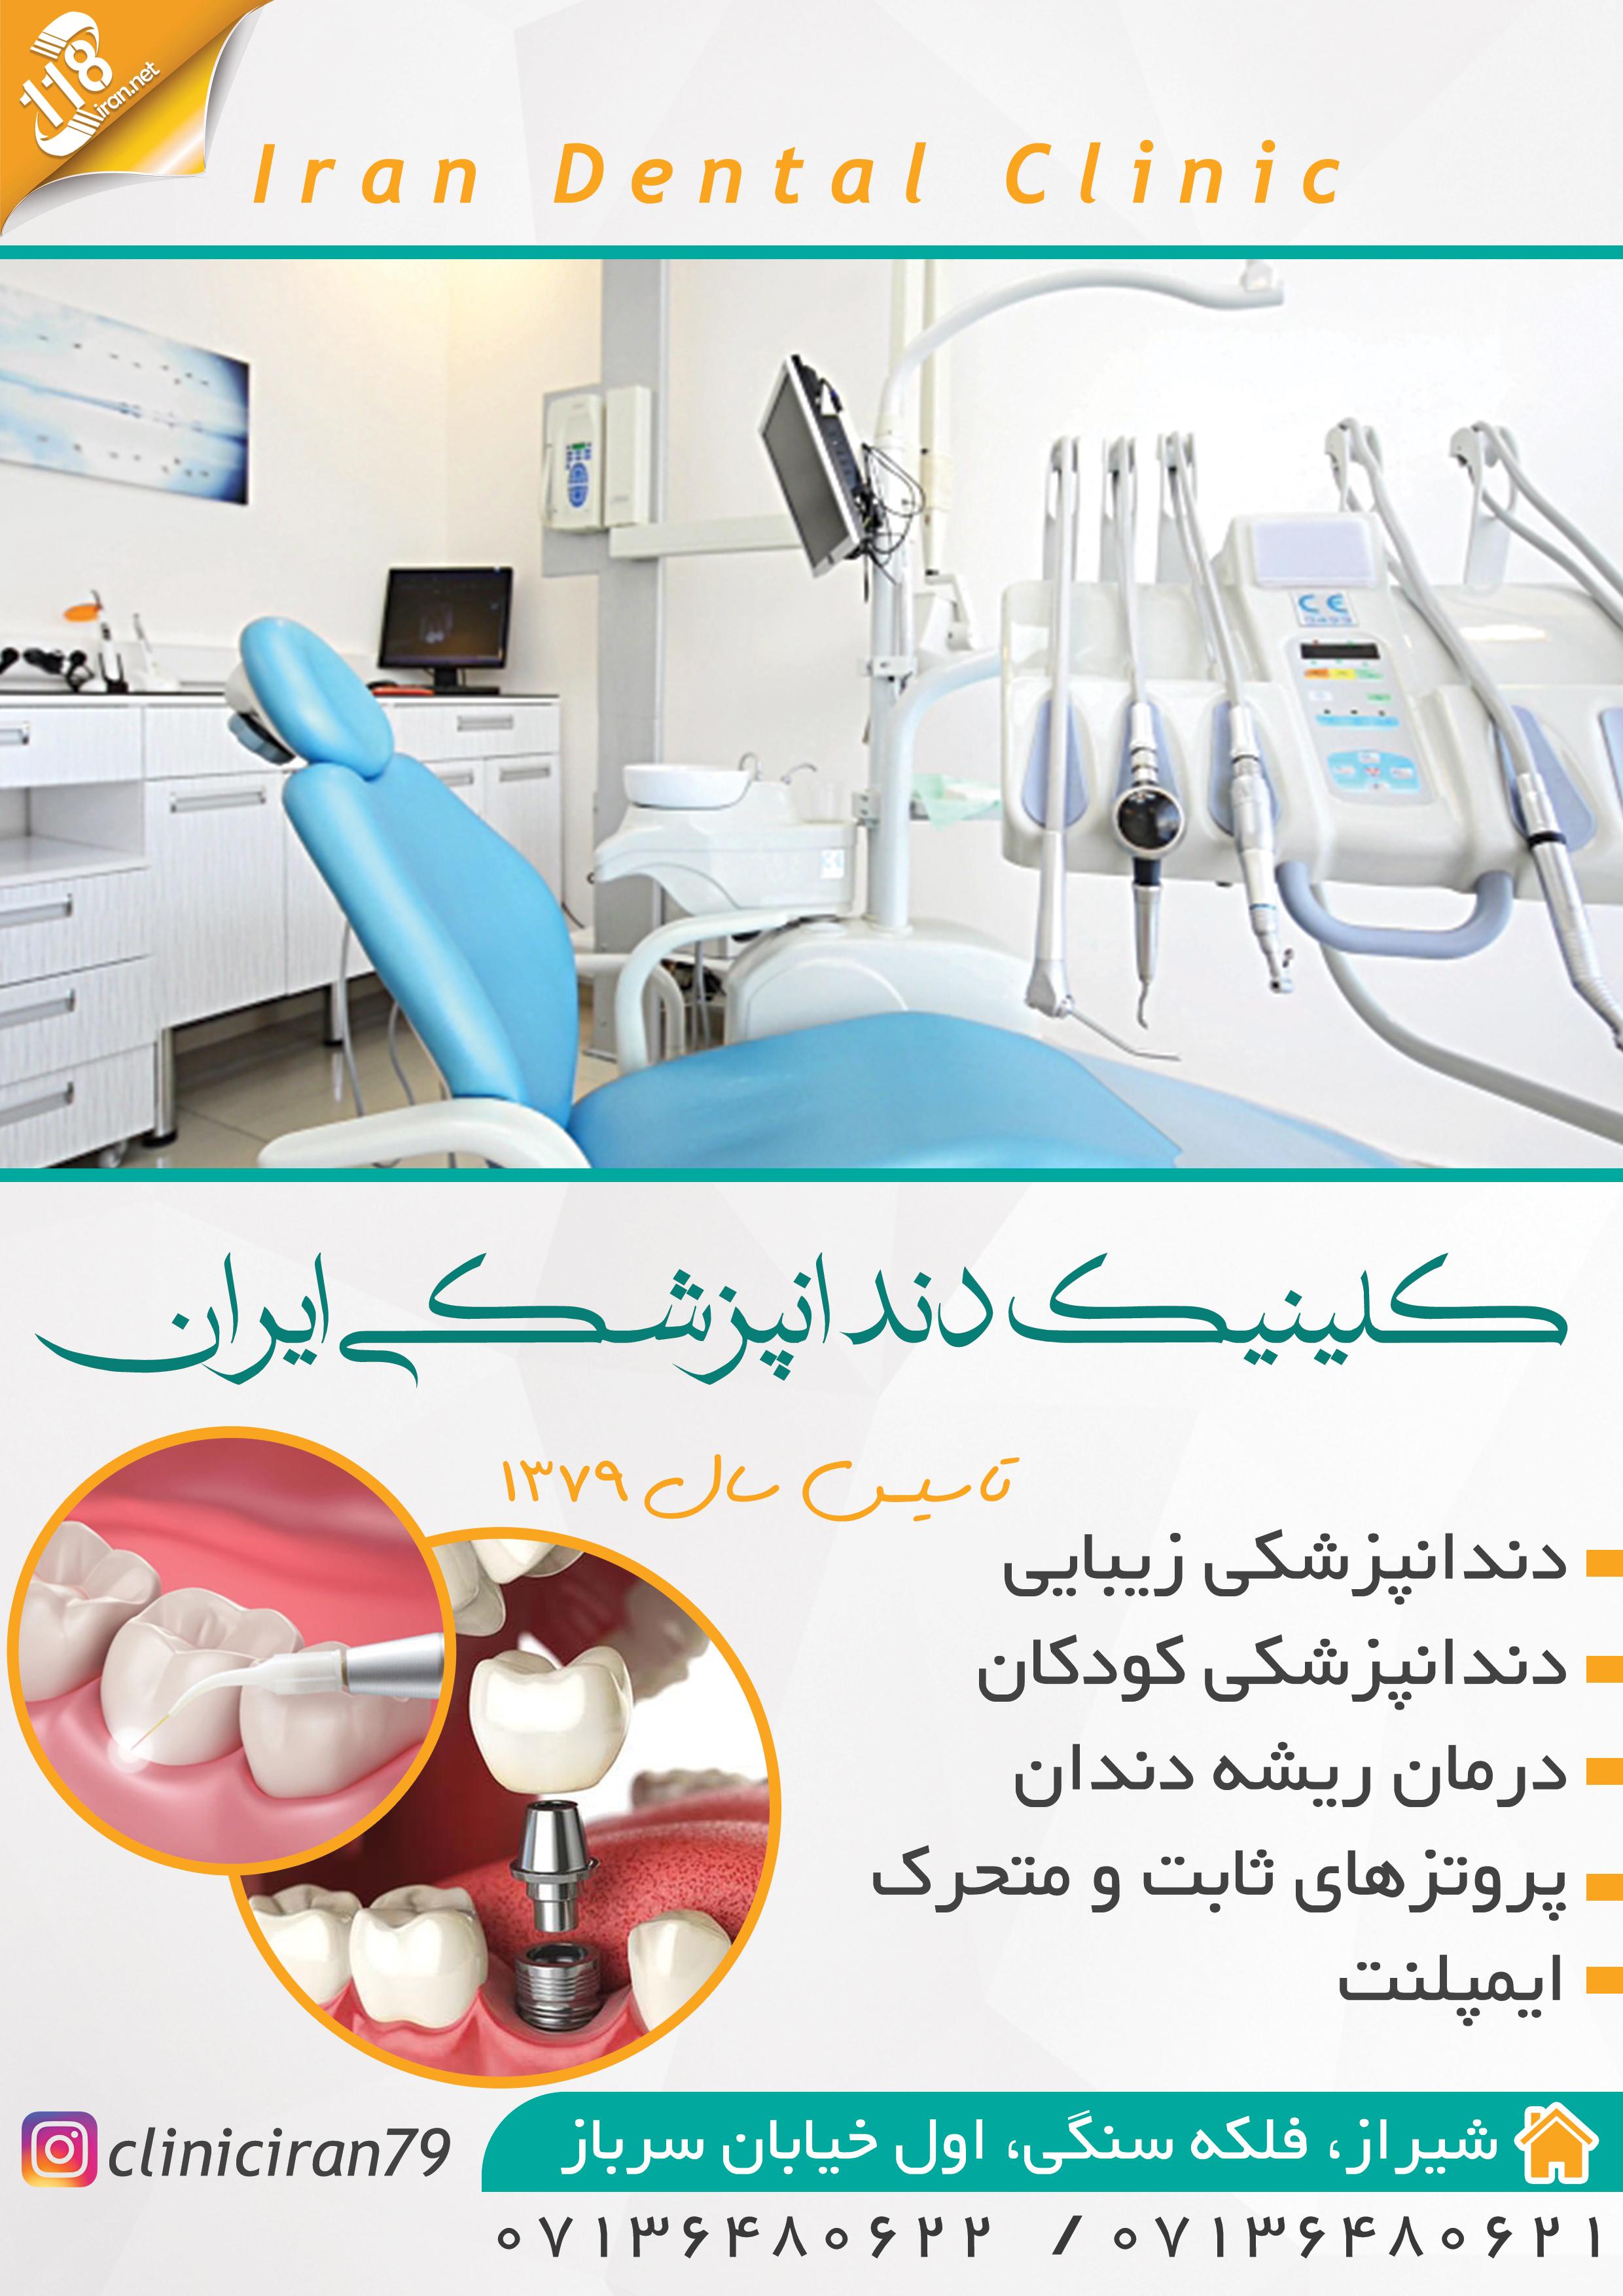 کلینیک دندانپزشکی ایران در شیراز